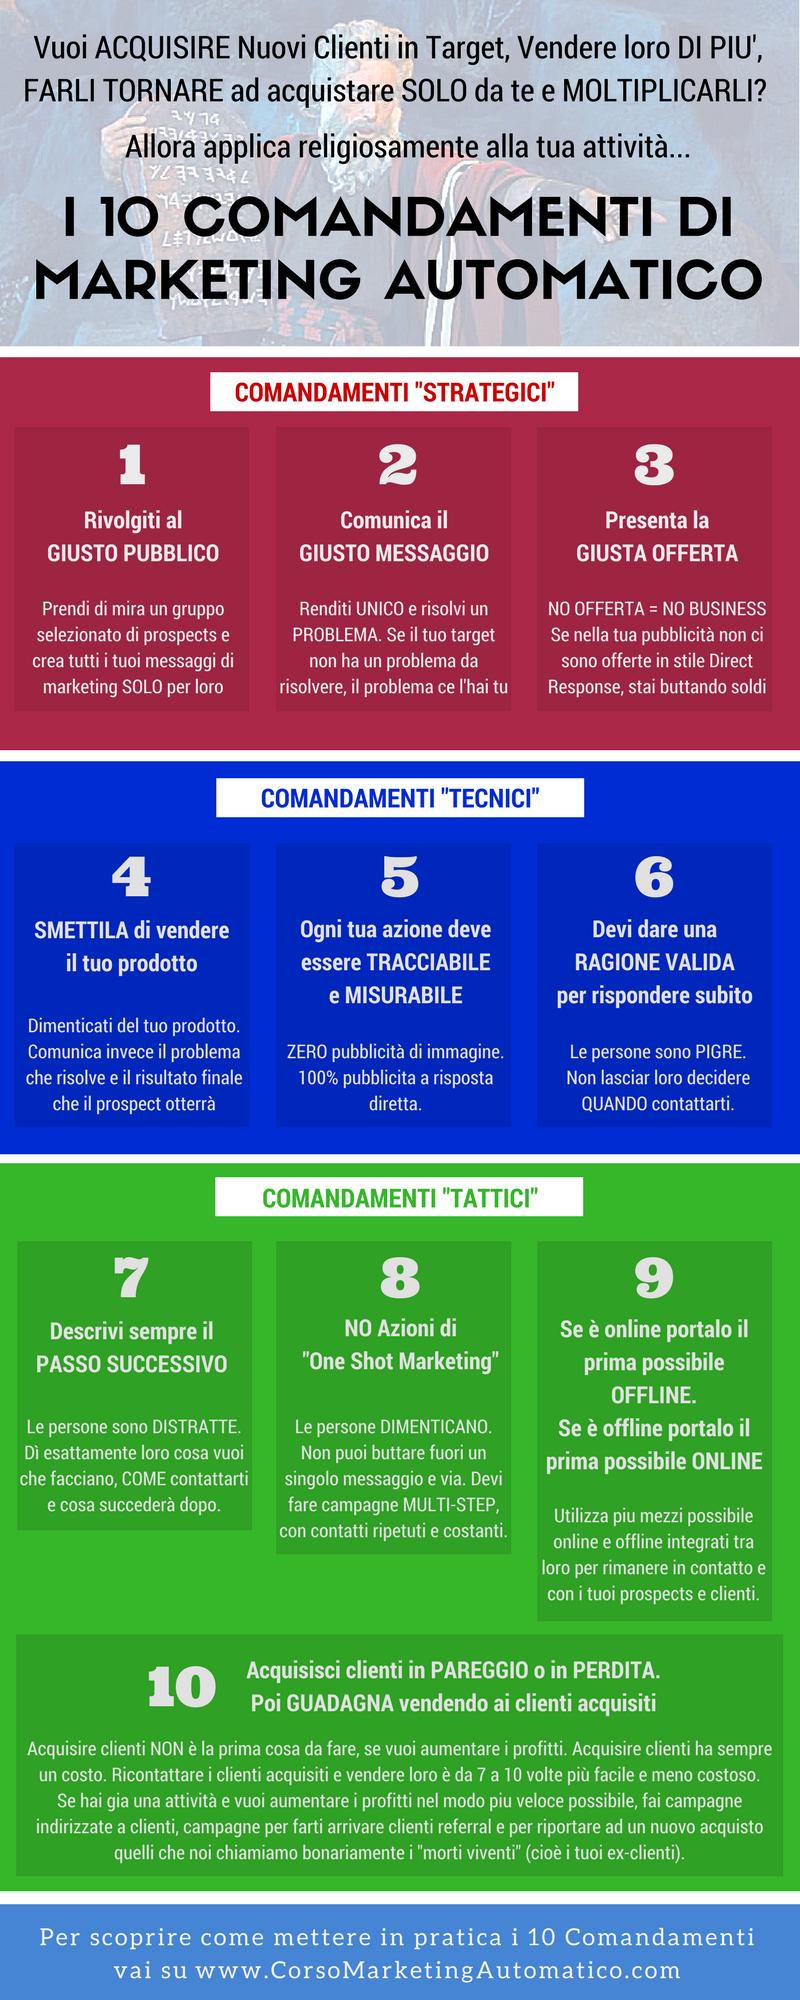 Vendere di più con il Marketing a Risposta Diretta - I 10 Comandamenti di Marketing Automatico [SCARICA L'INFOGRAFICA]